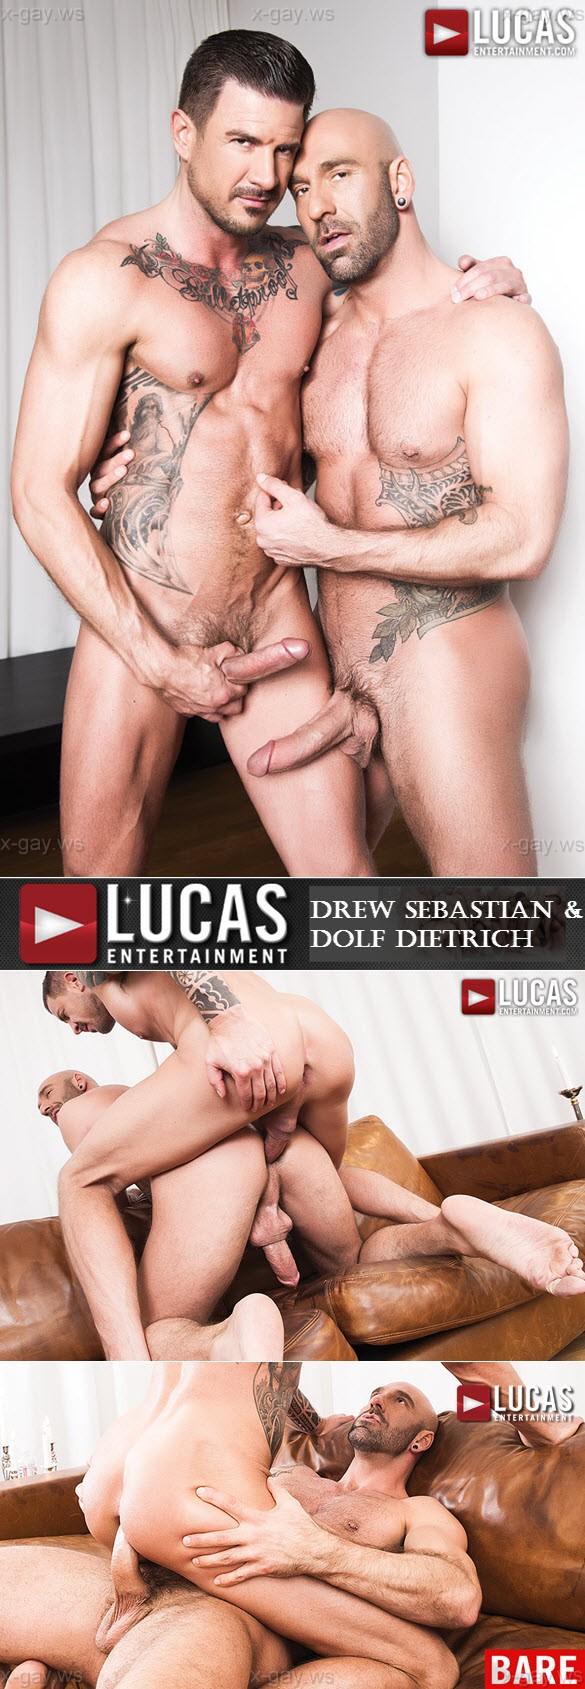 LucasEntertainment – Drew Sebastian & Dolf Dietrich, Bareback